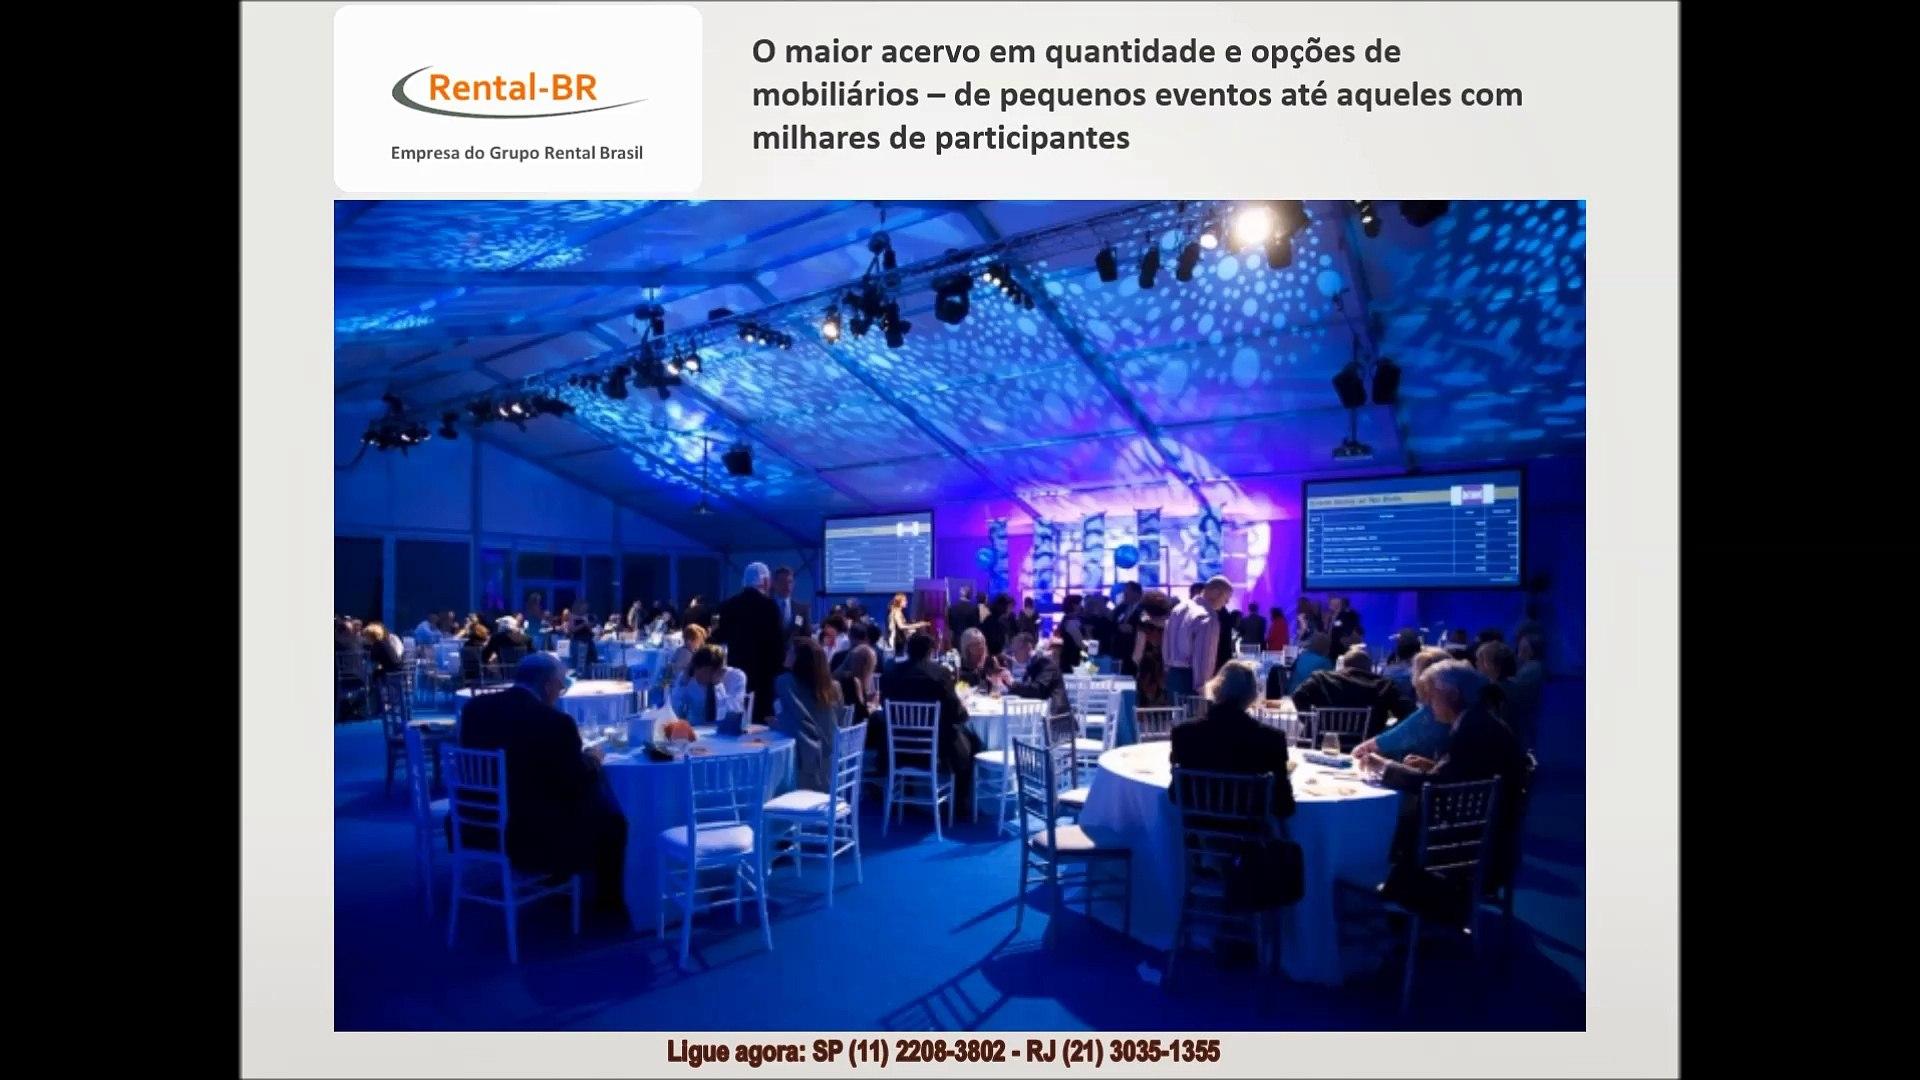 Aluguel de Mesas e Cadeiras em São Paulo SP - RentalBR